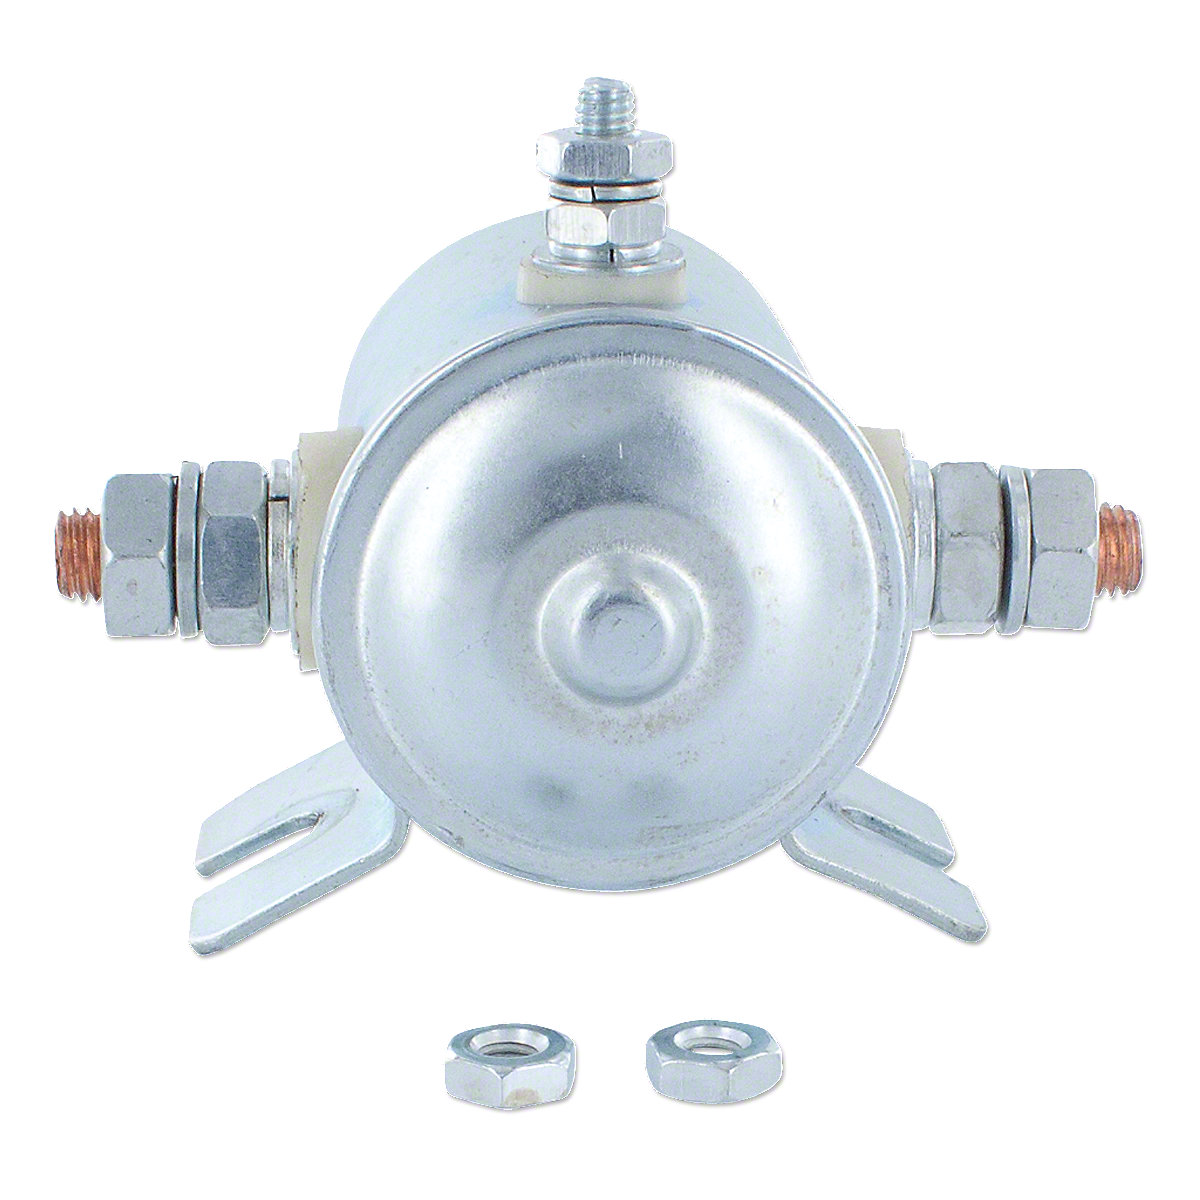 Starter Solenoid For Allis Chalmers: D10, D12, D14, D21, I40, I400, I60, 170, D15 Gas and Diesel Models.